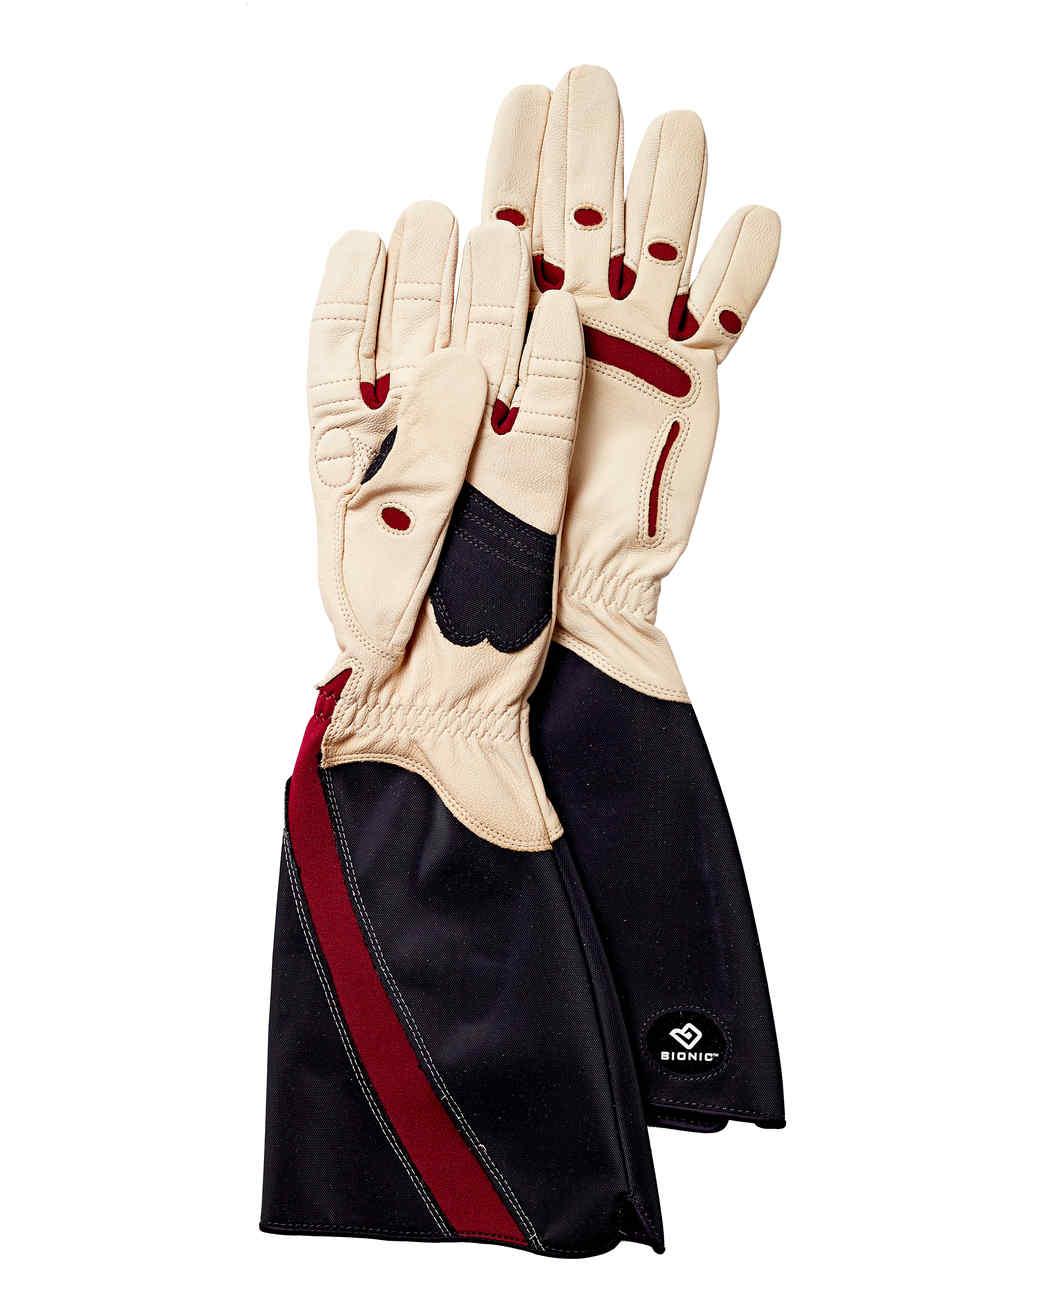 gardening-gloves-177-d111359.jpg